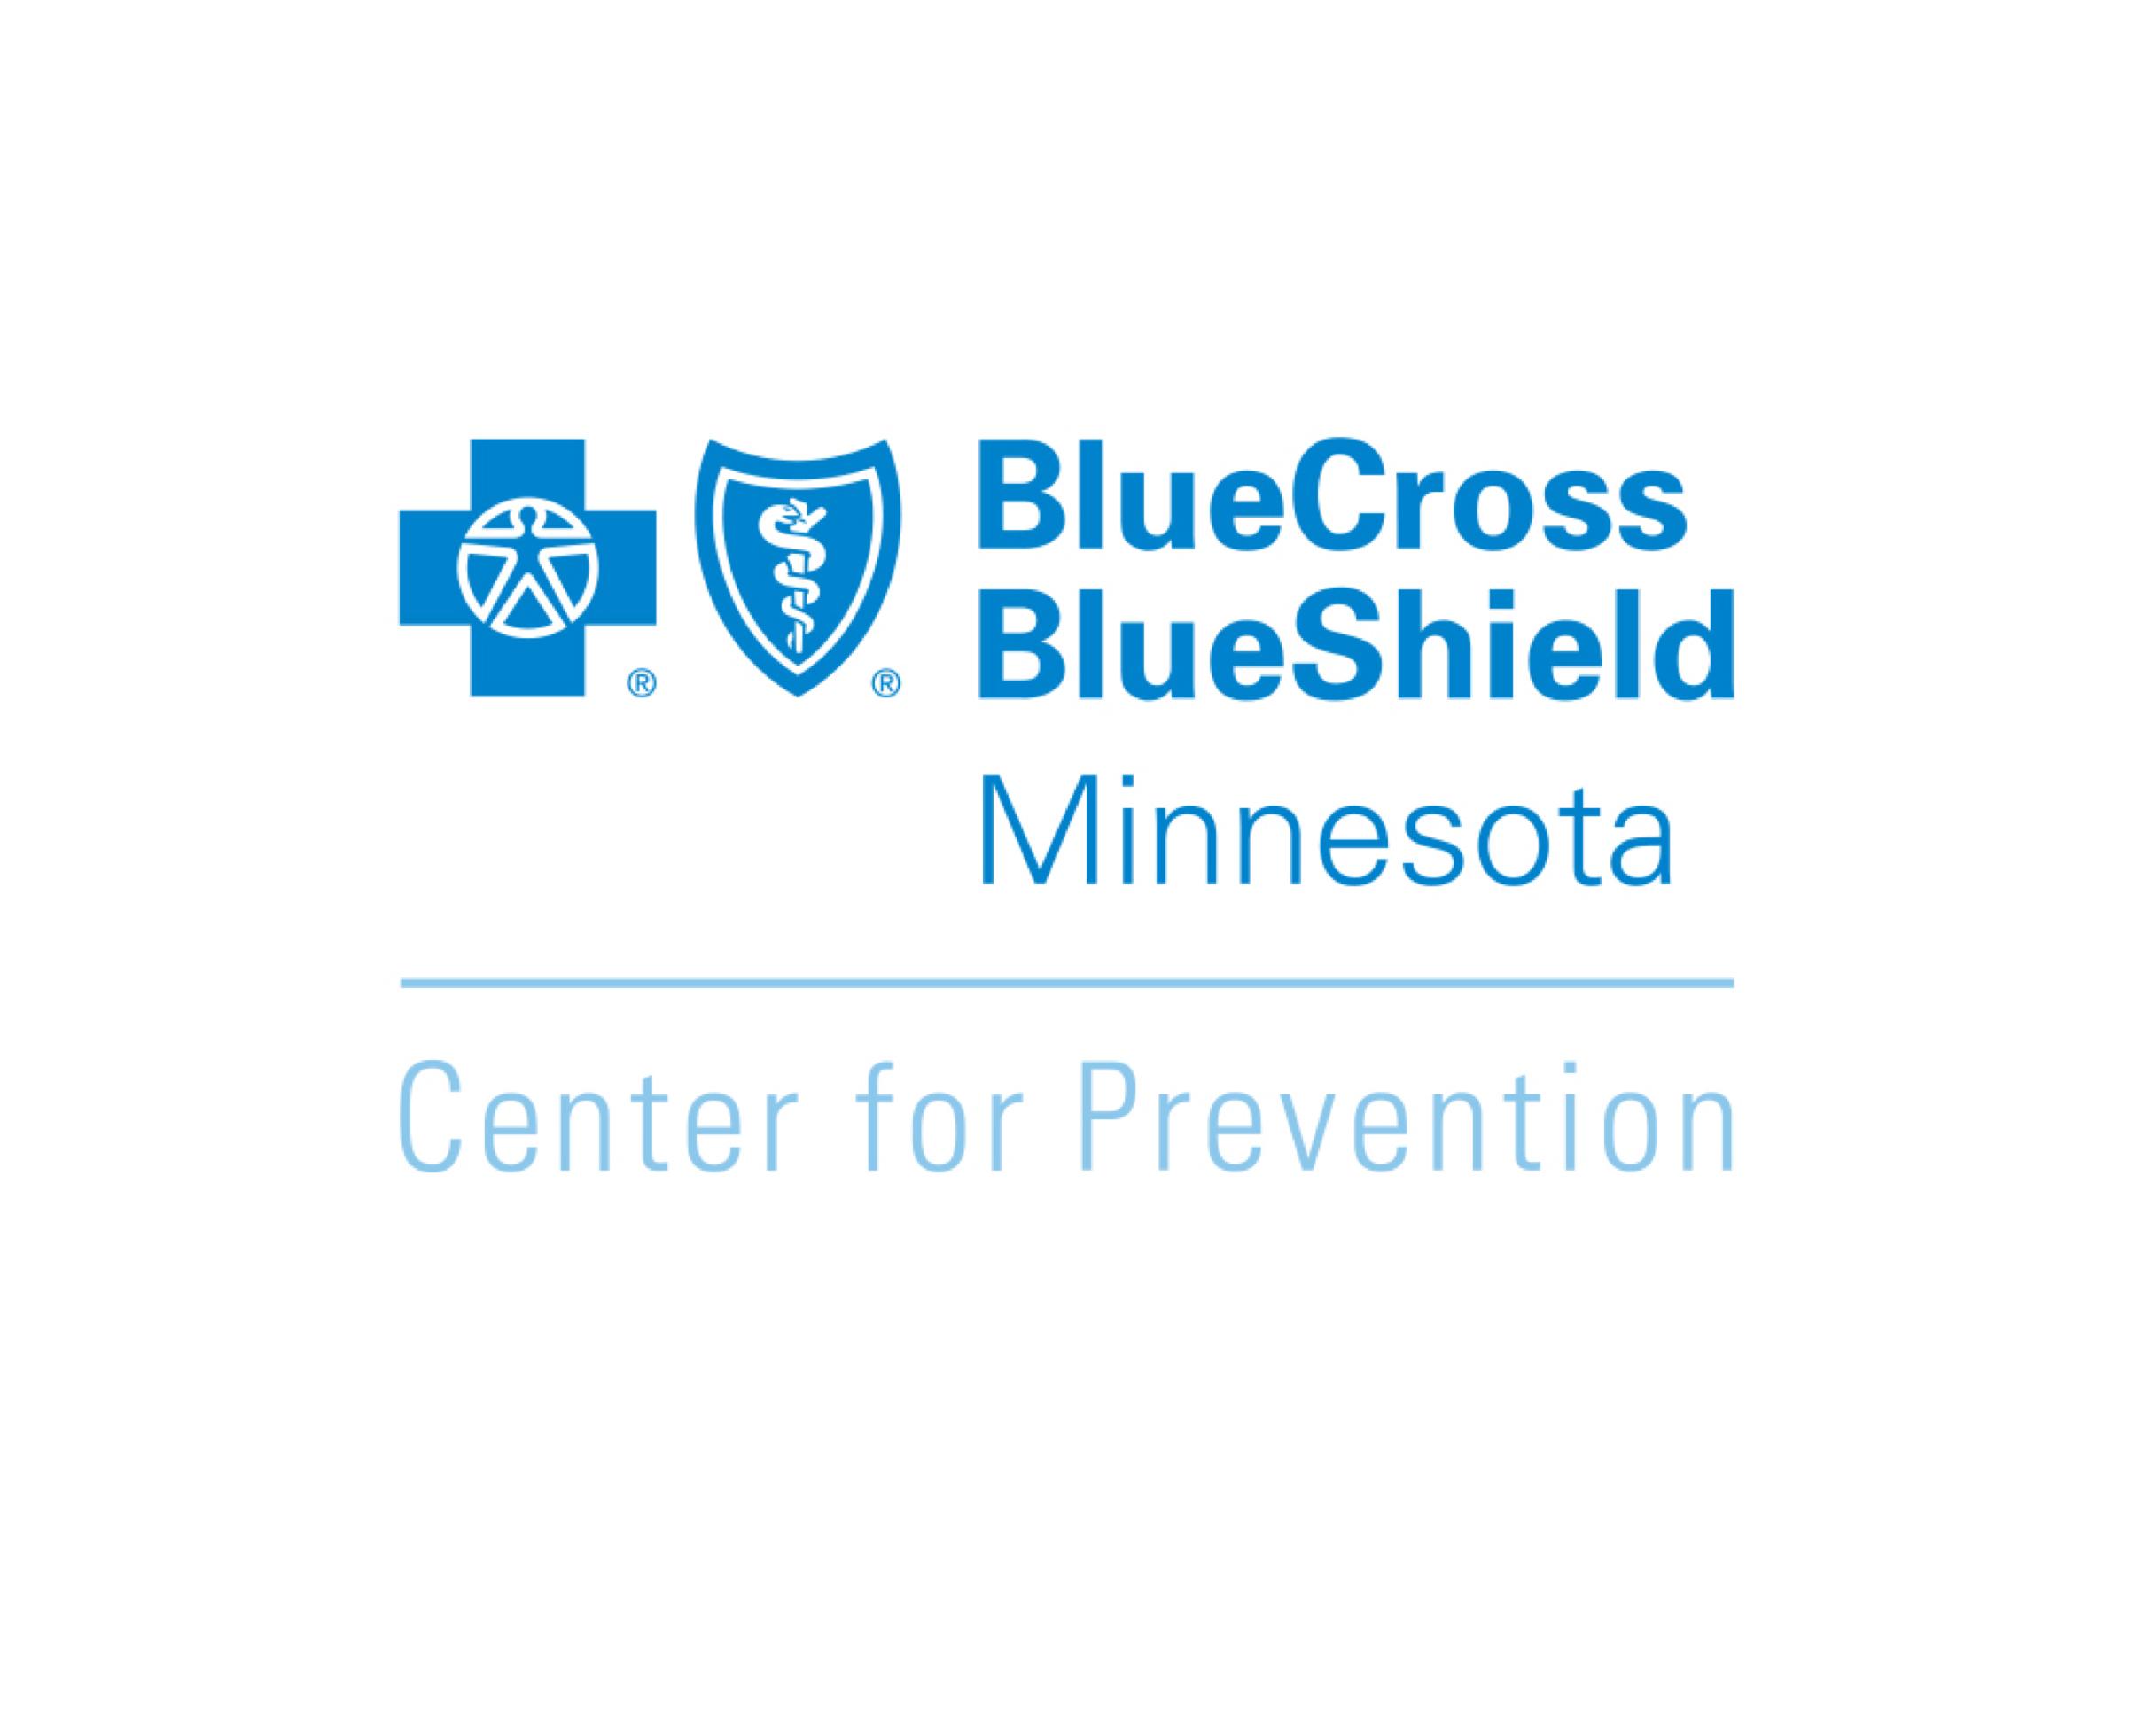 BCBS MN Center for Prevention Square Logo